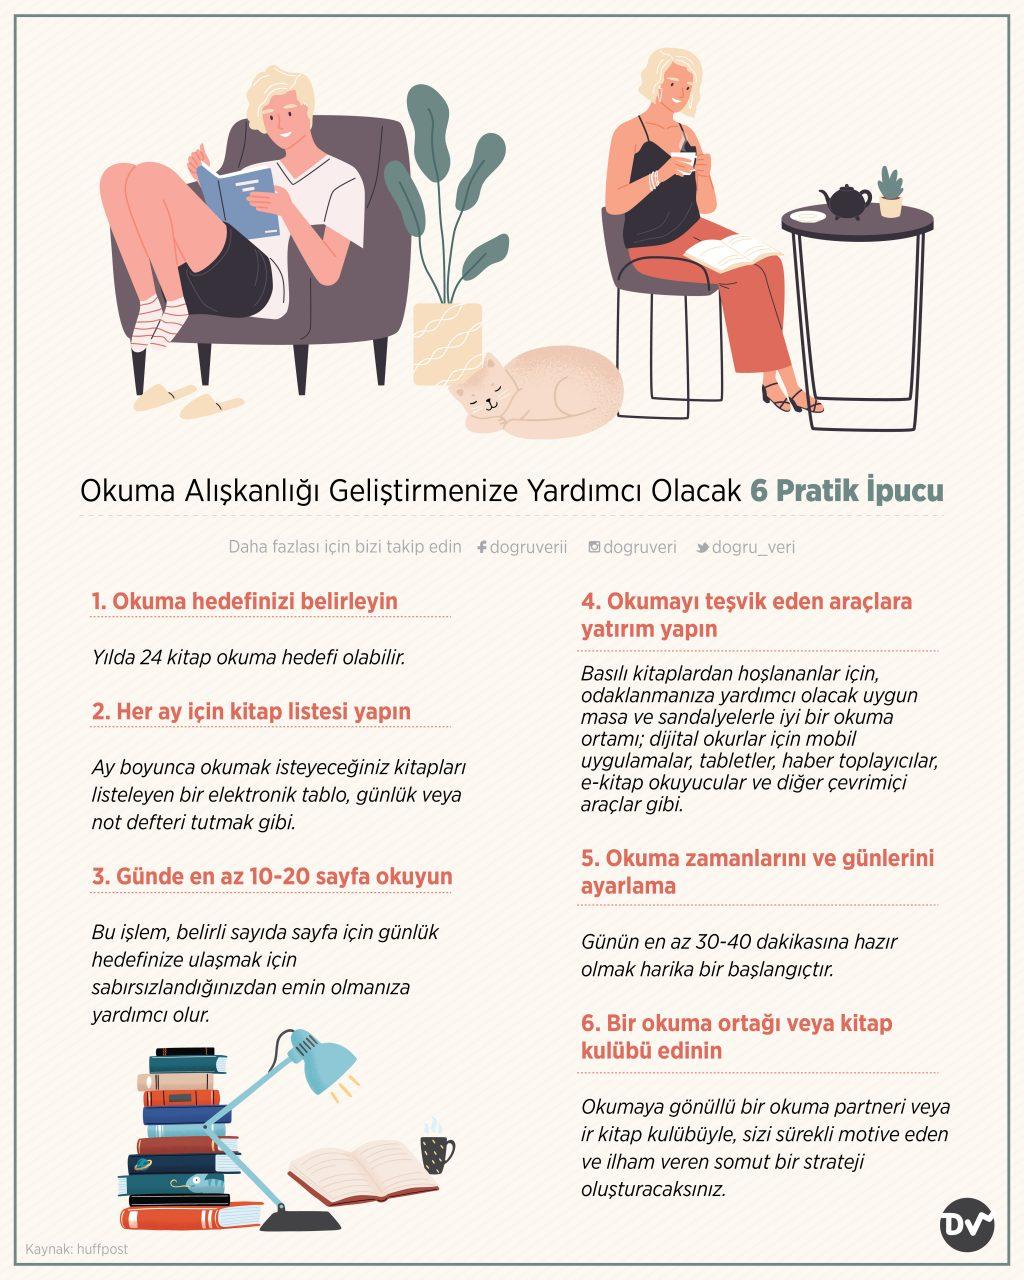 Okuma Alışkanlığı Geliştirmenize Yardımcı Olacak 6 Pratik İpucu